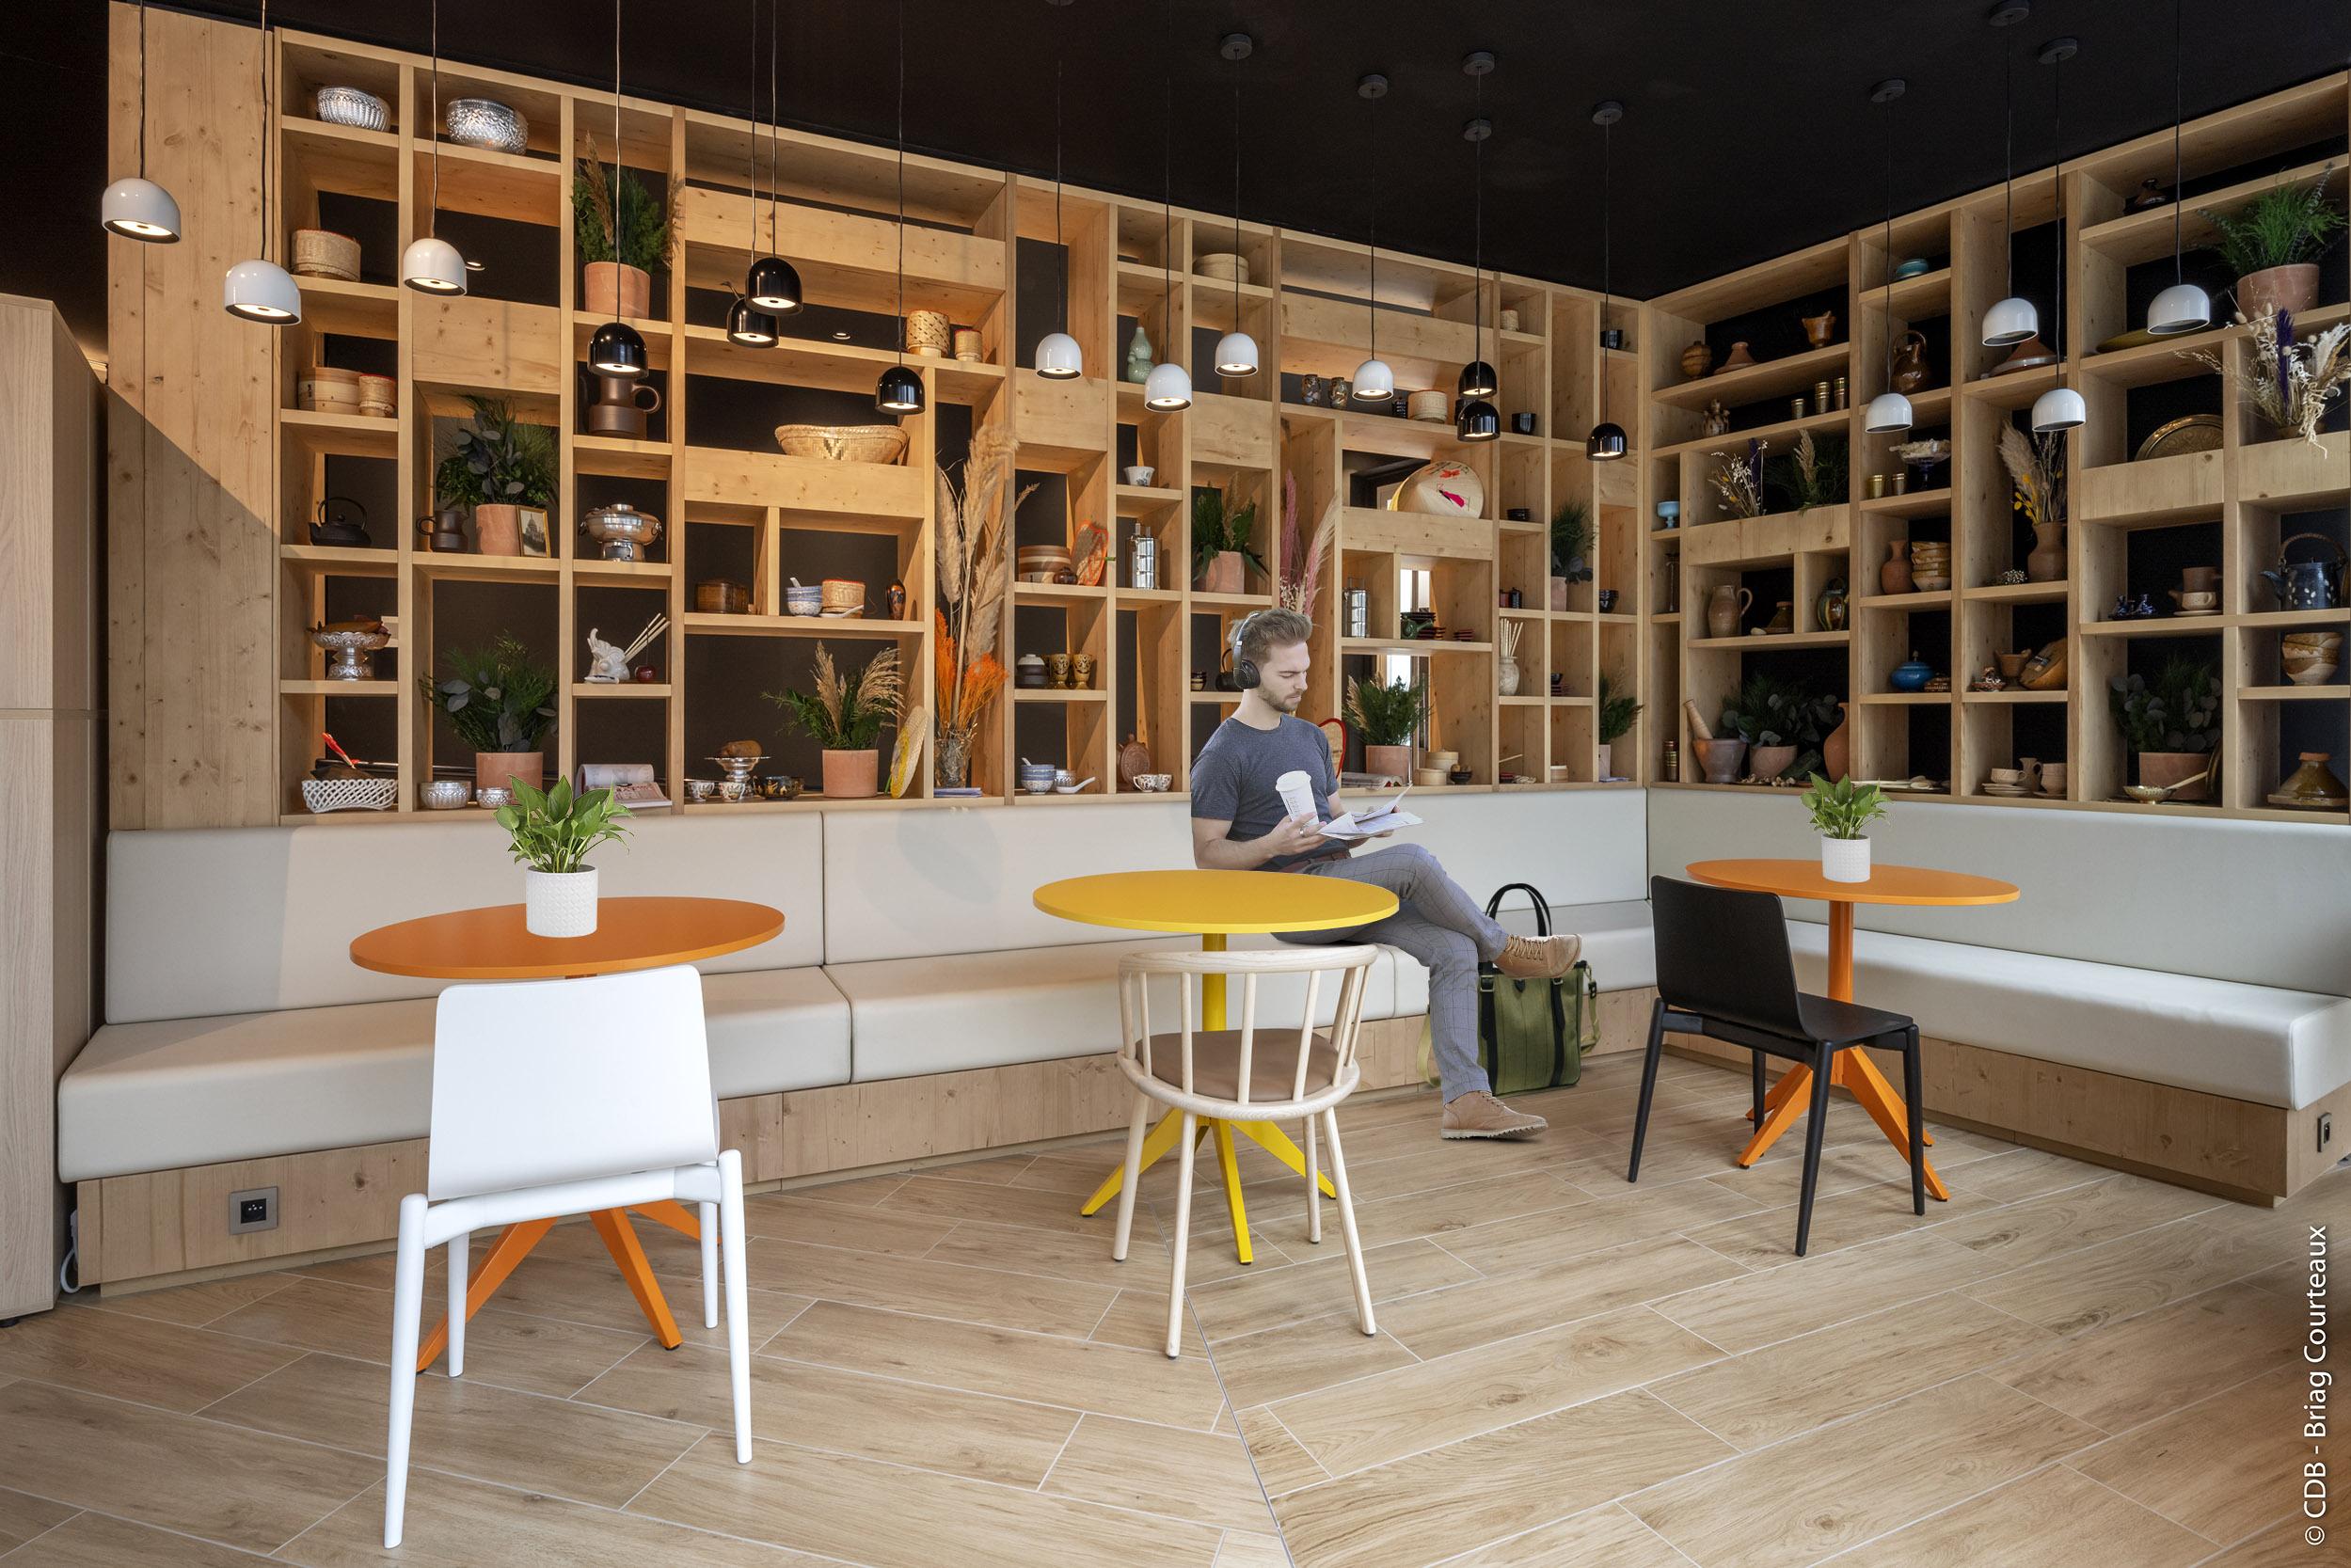 Aménagement, conception et réalisation des bureaux de Danone par CDB, Meet you there.